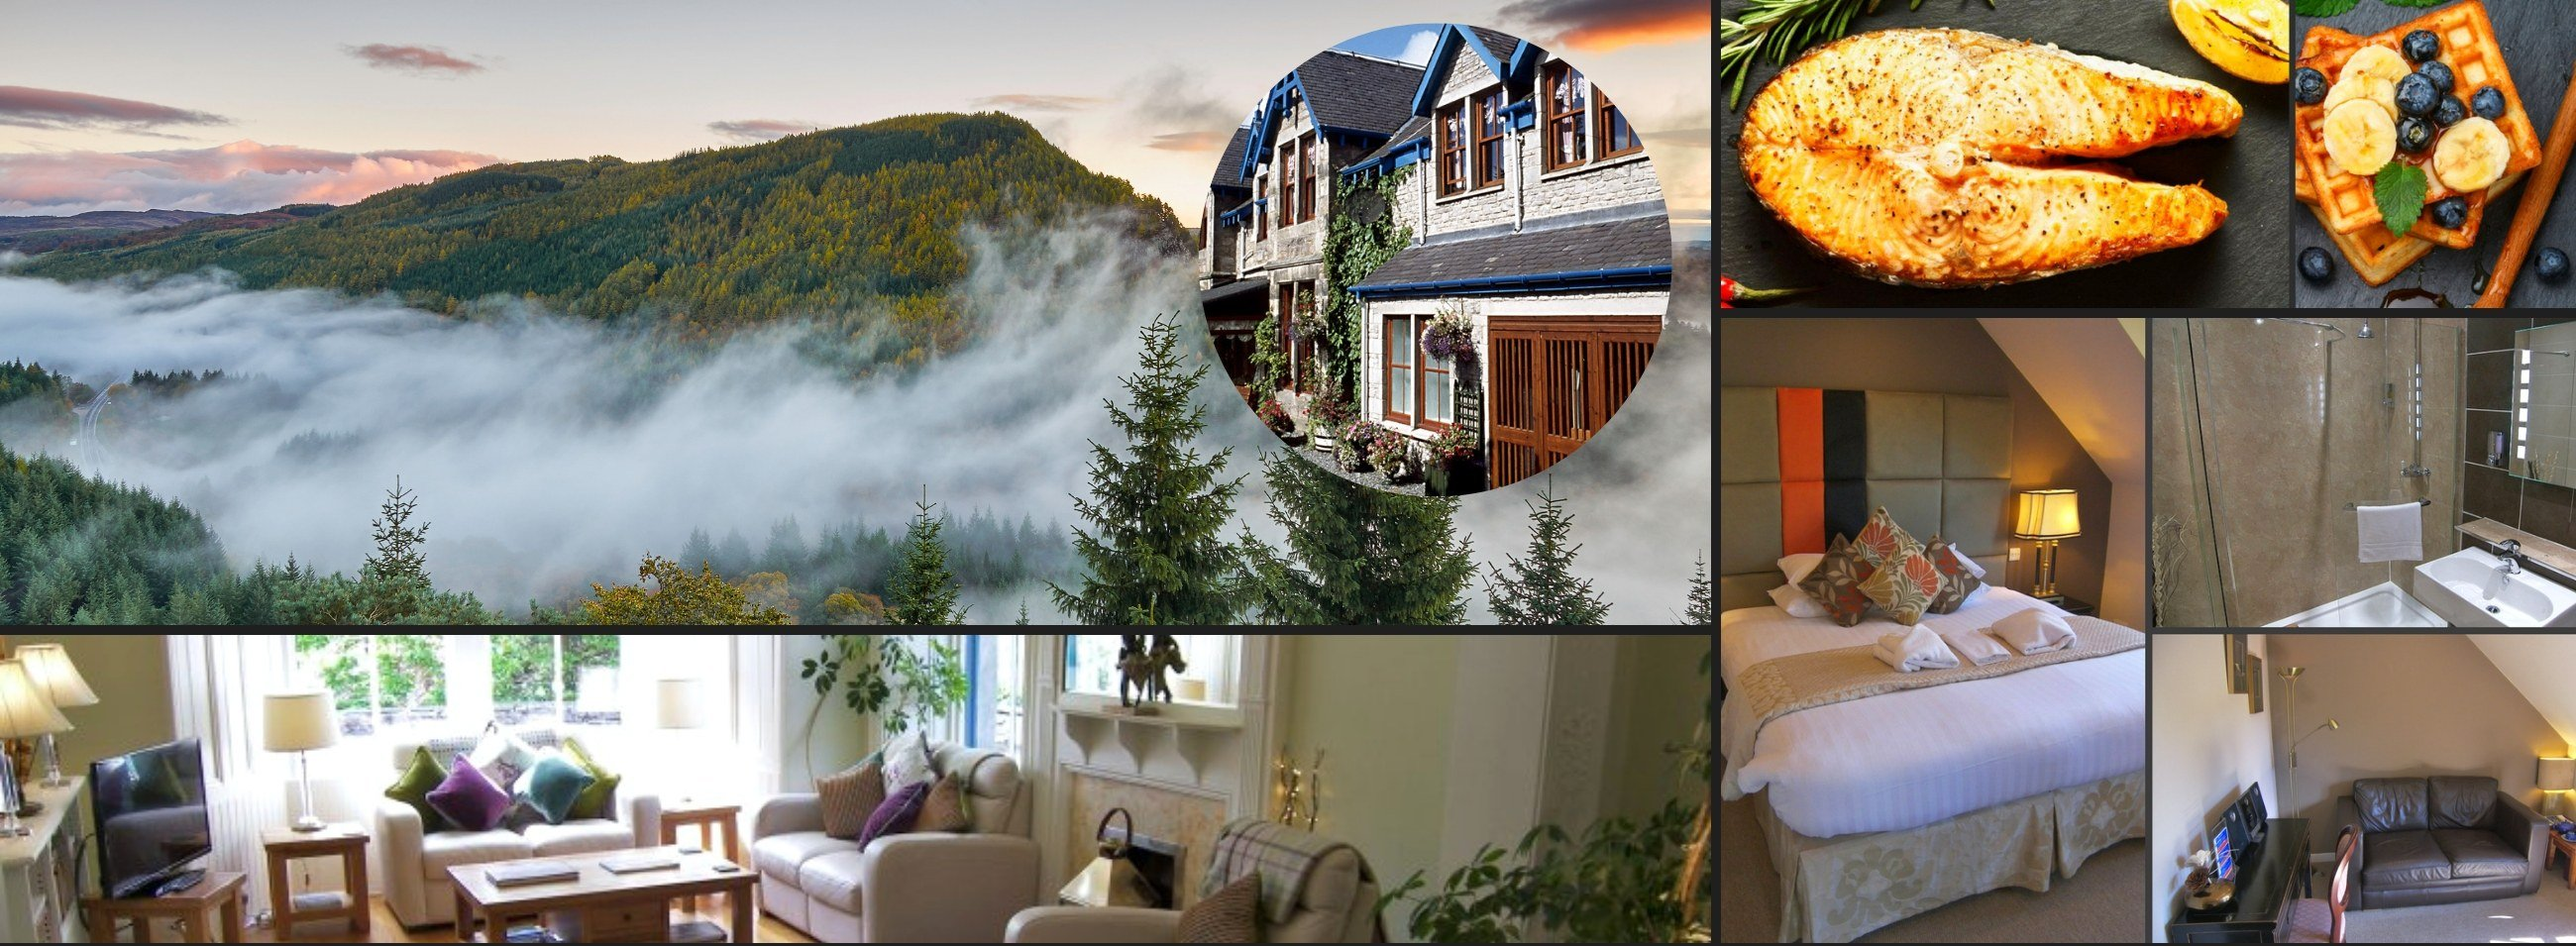 Rosemount Hotel 3   Scottish Hotels Scottish Hotels